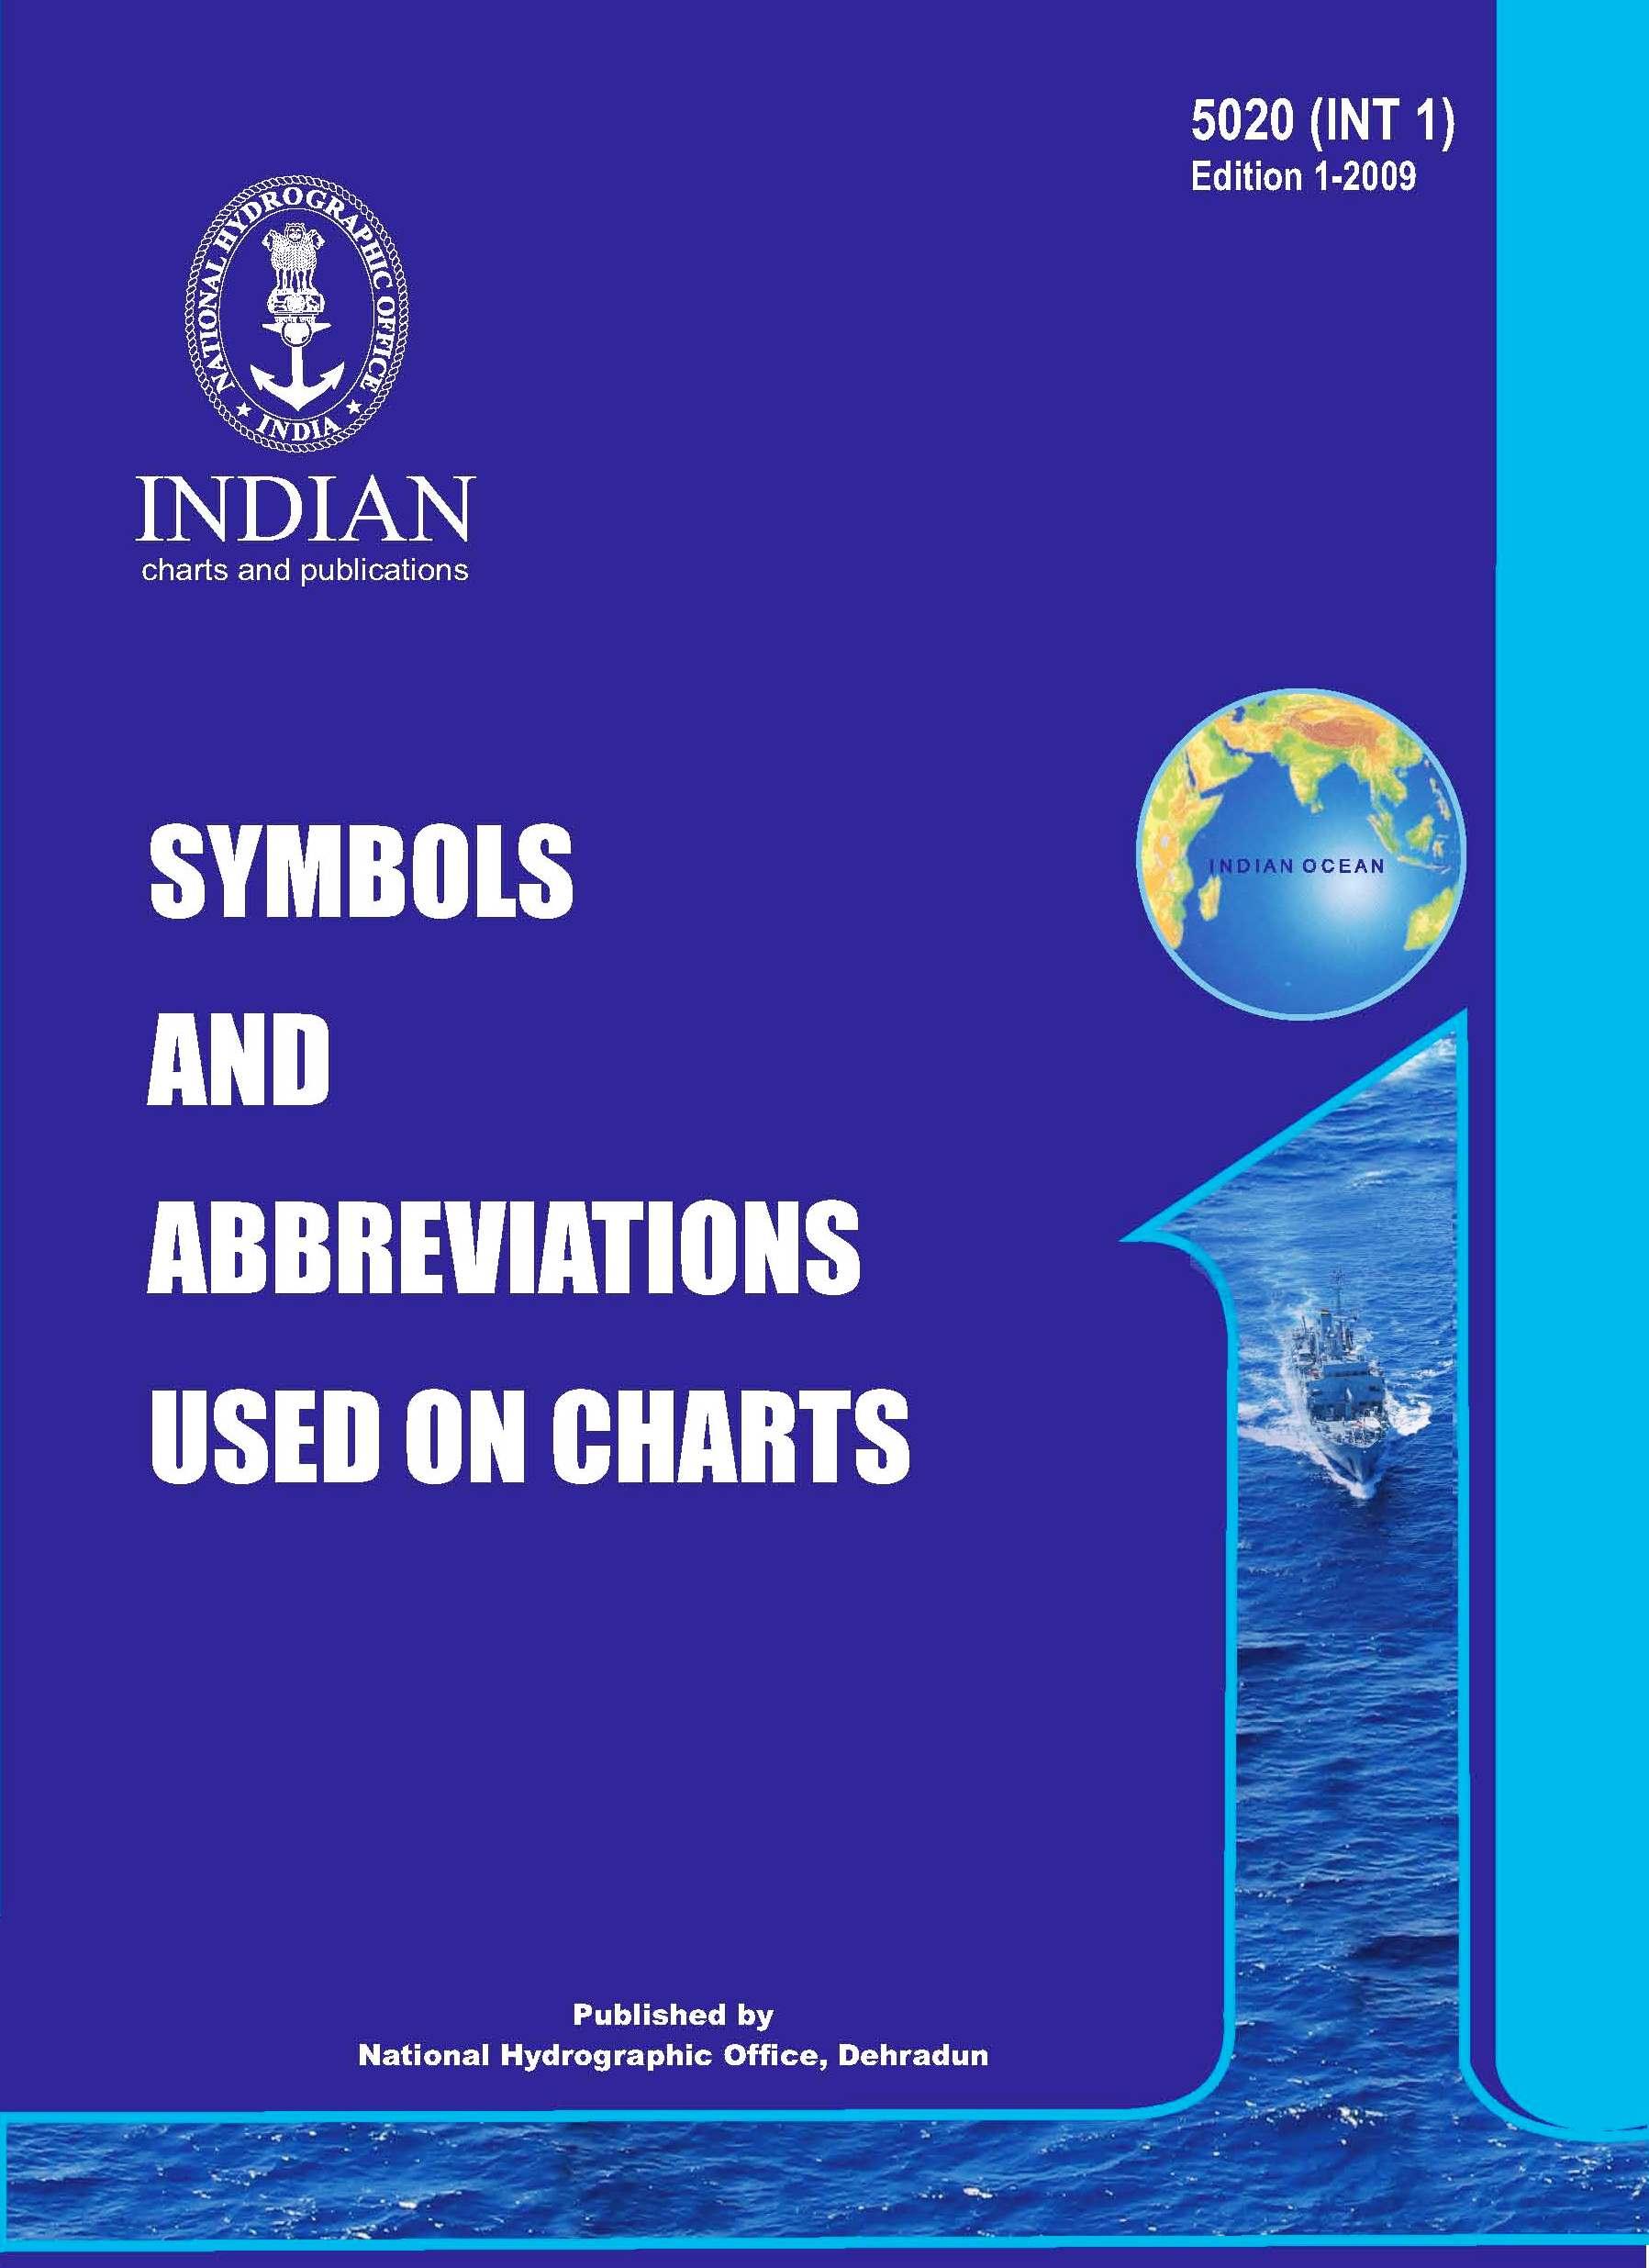 INP-5020 (Symbols & Abbreviations)